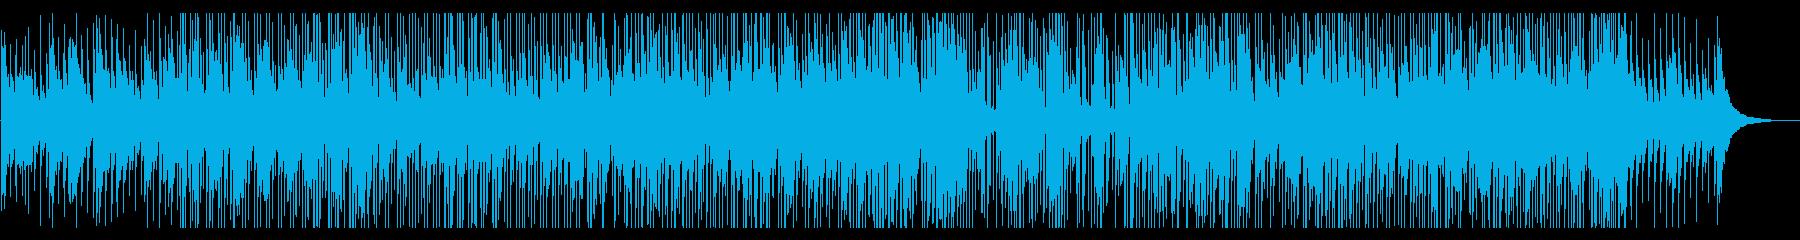 おしゃれほのぼの映像にかわいいポップの再生済みの波形